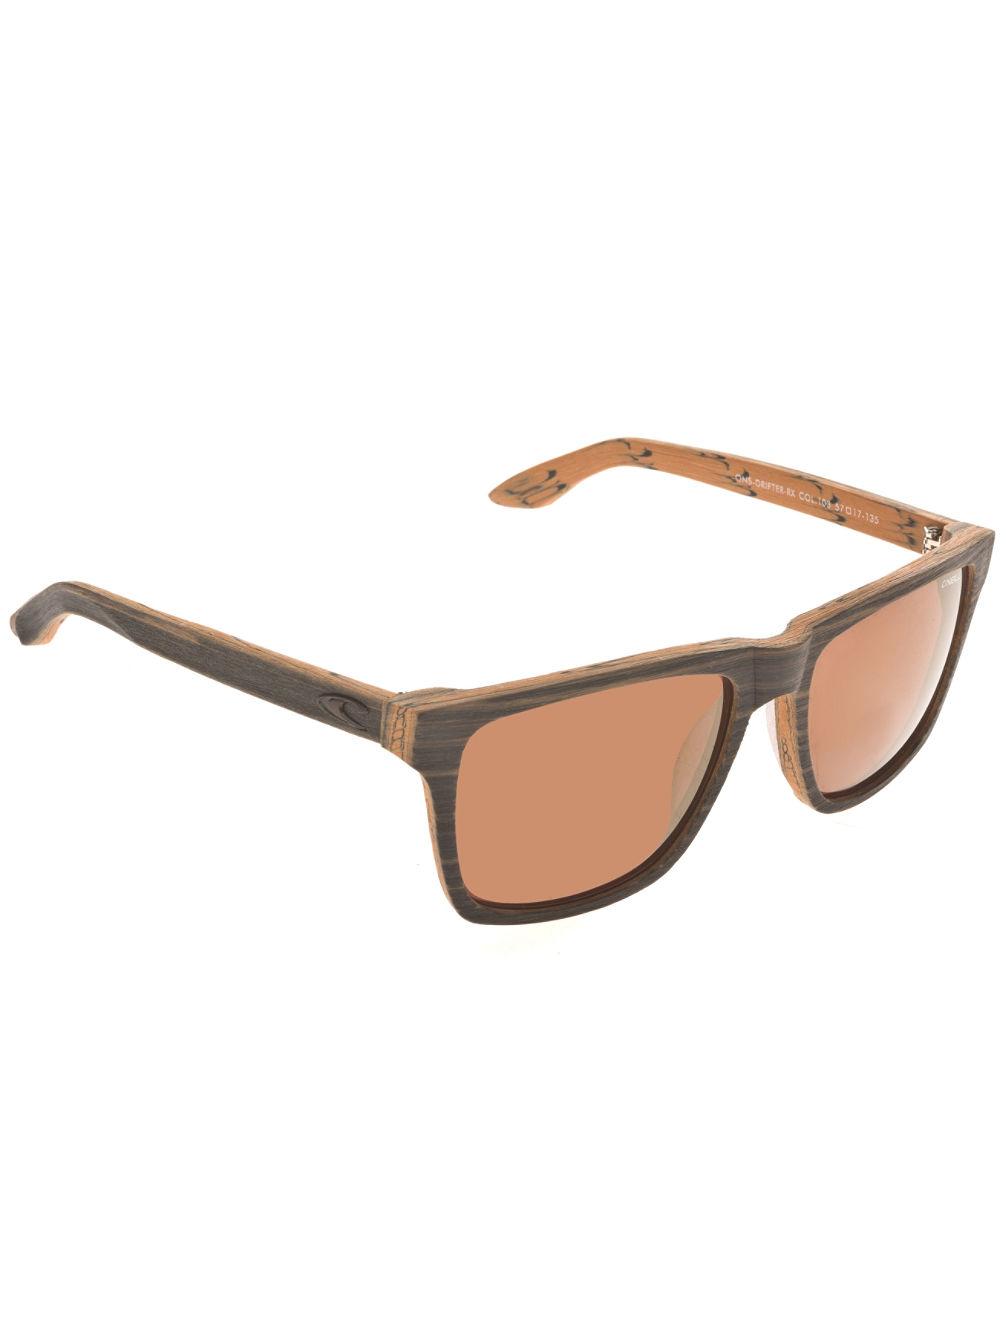 cc796ef2e9f Buy O Neill Eyewear Drifter RX Matte Brown Wood online at blue ...